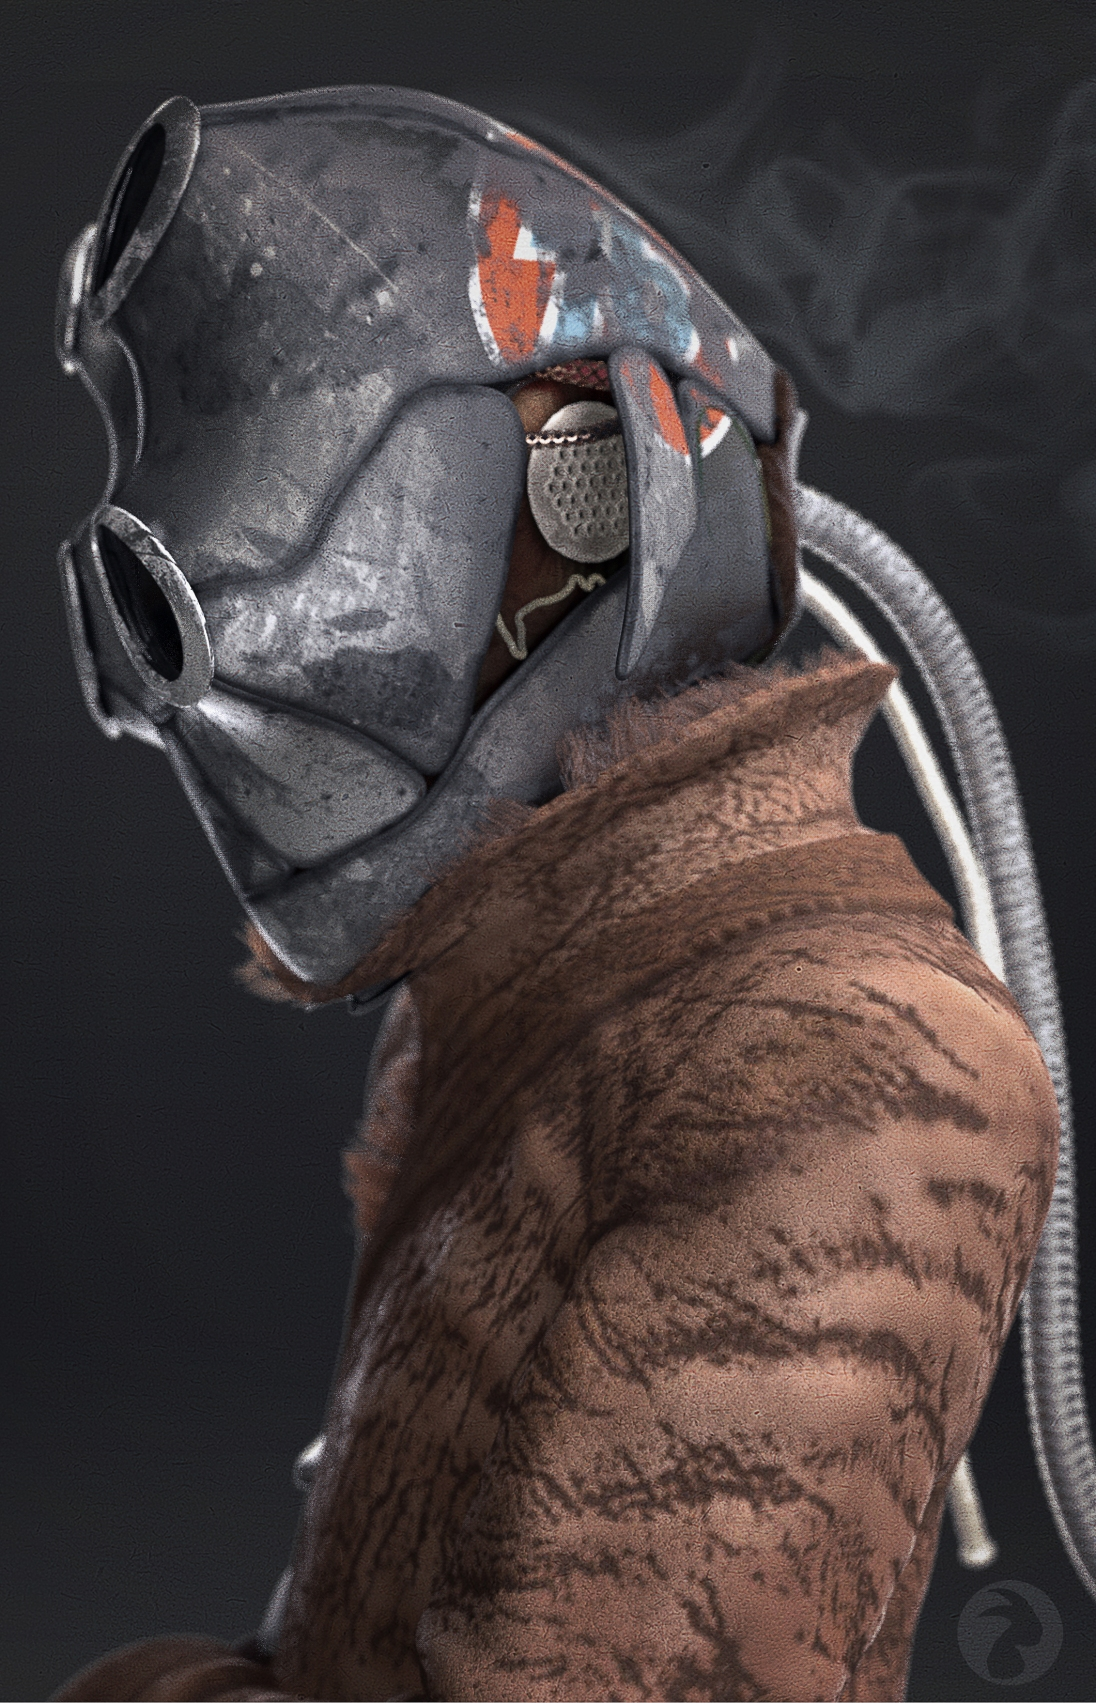 Gogglehead8-Detail2